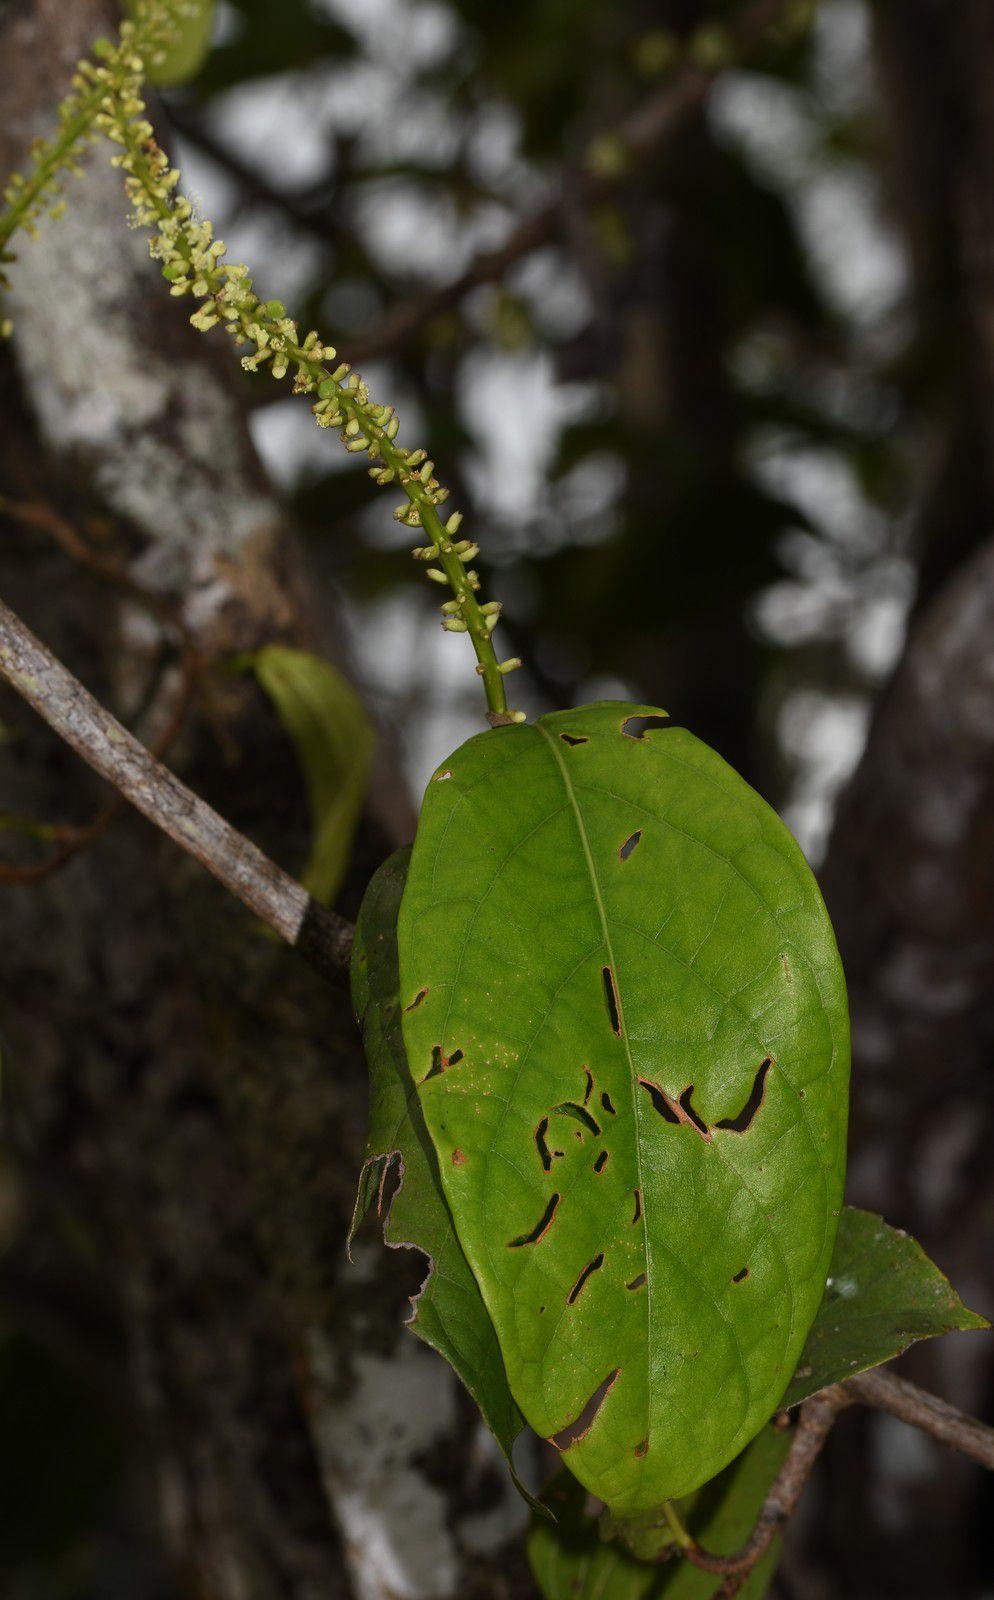 Coccoloba lucidula